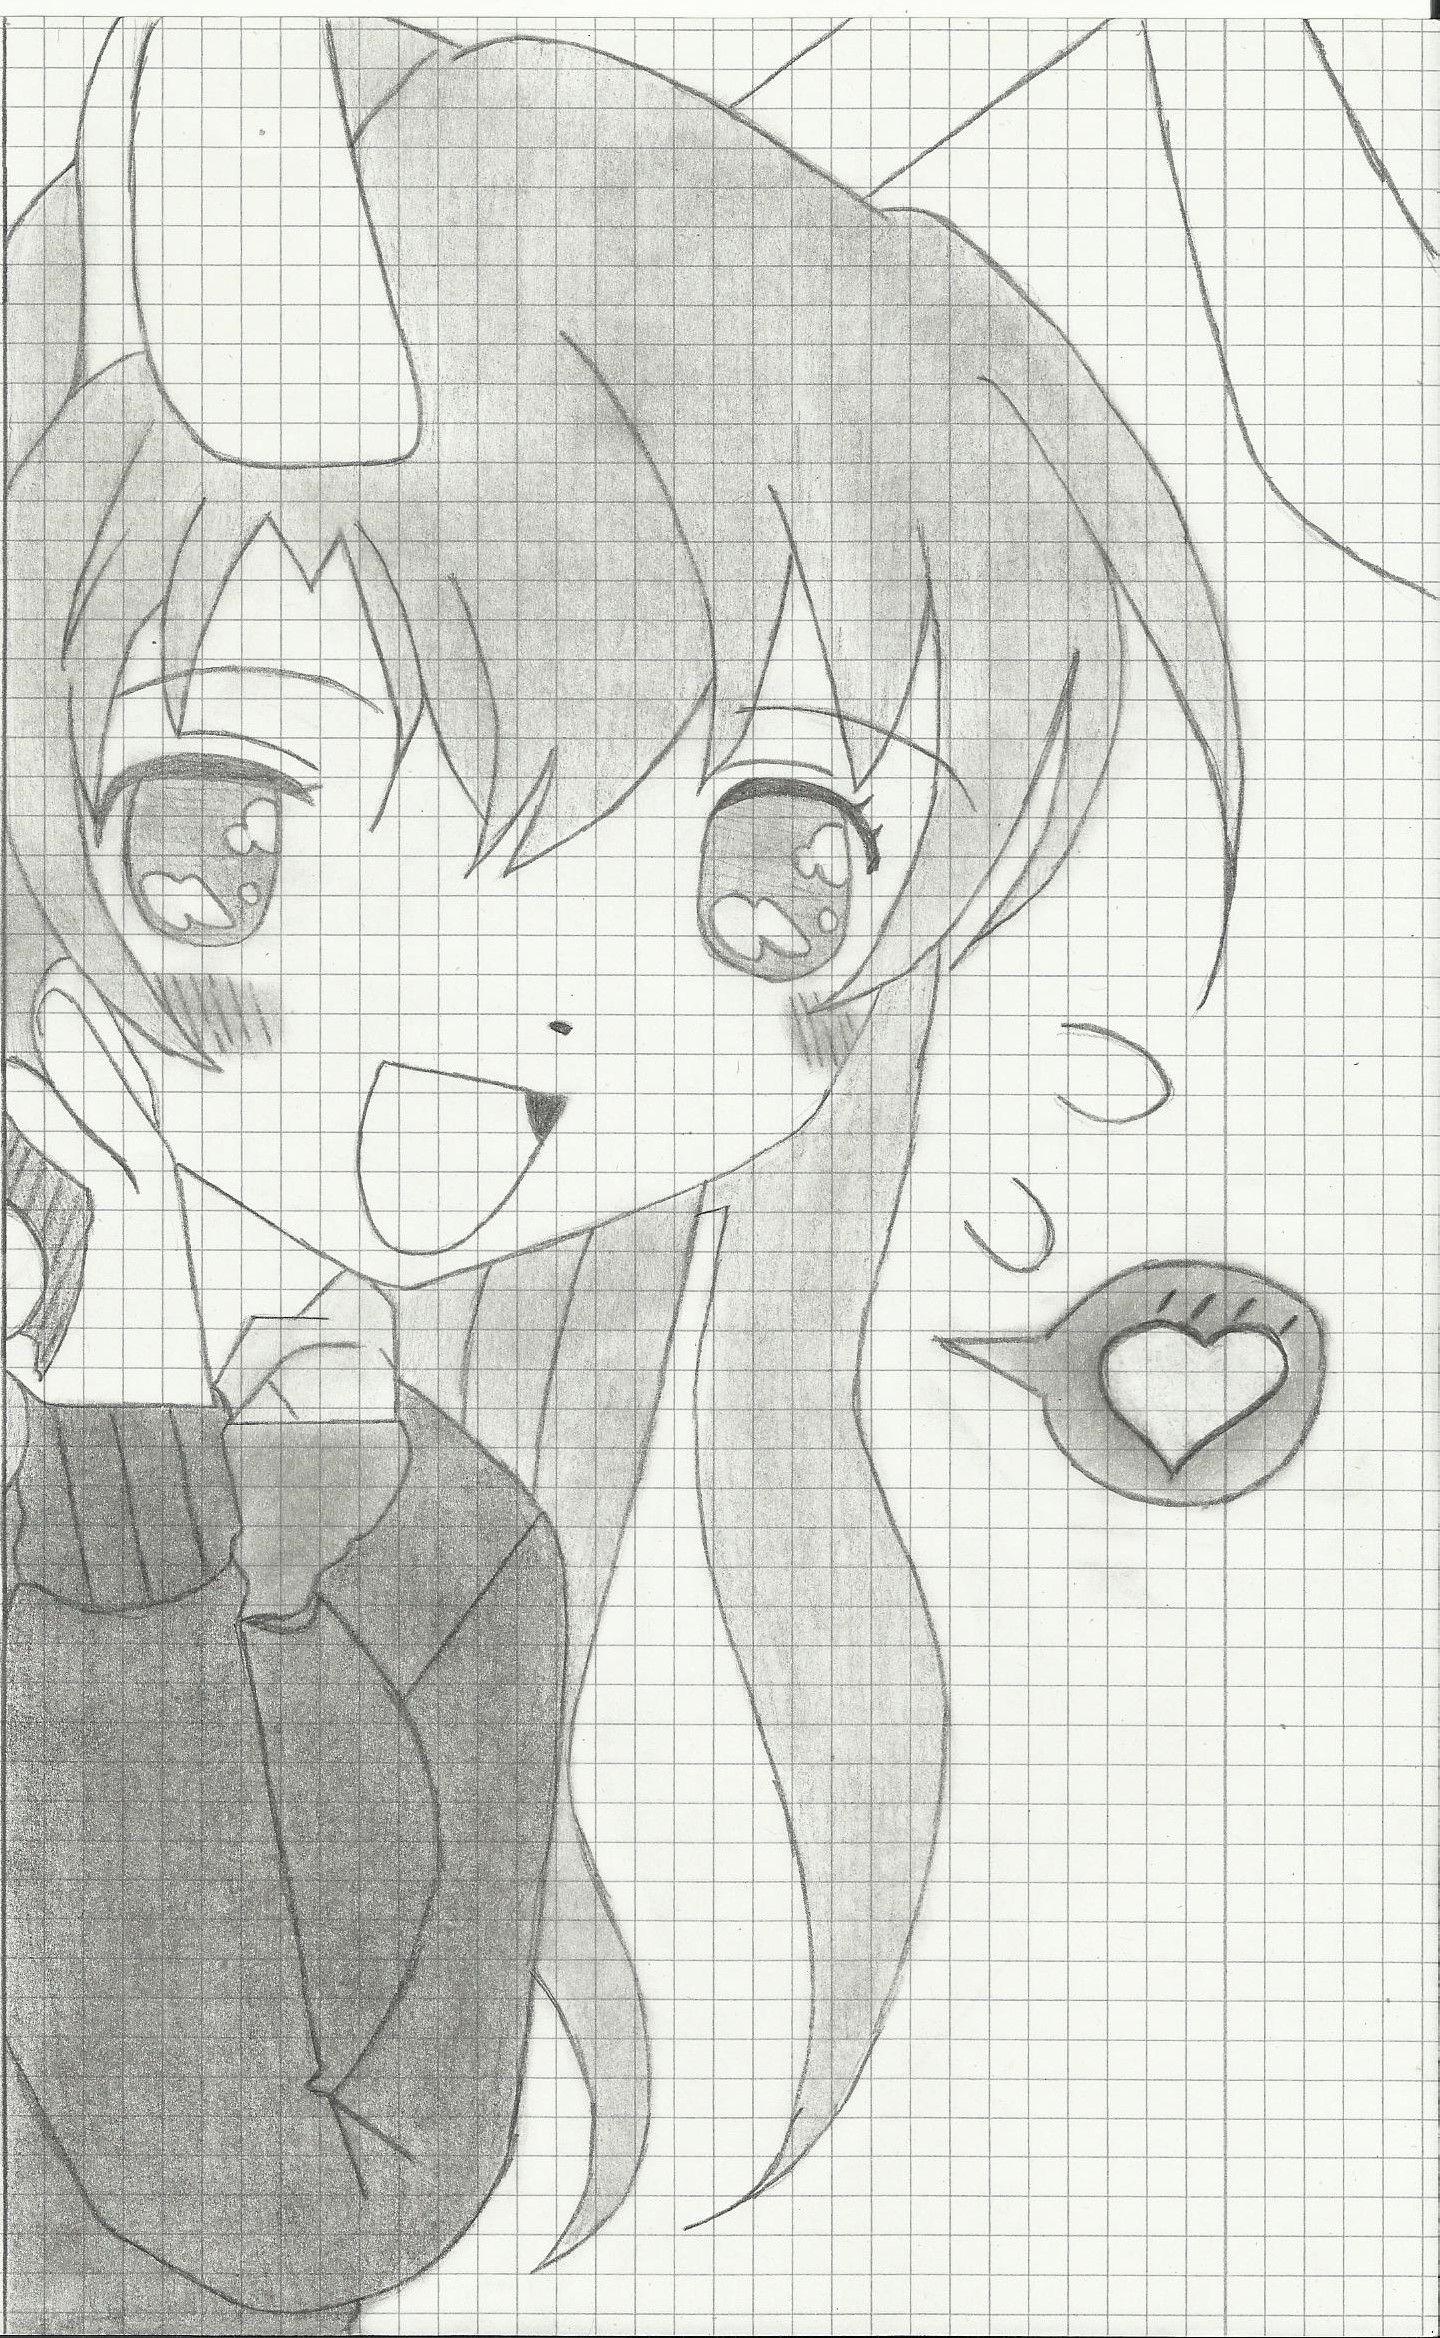 Mädchen mit Hasen Ohren, gezeichnet